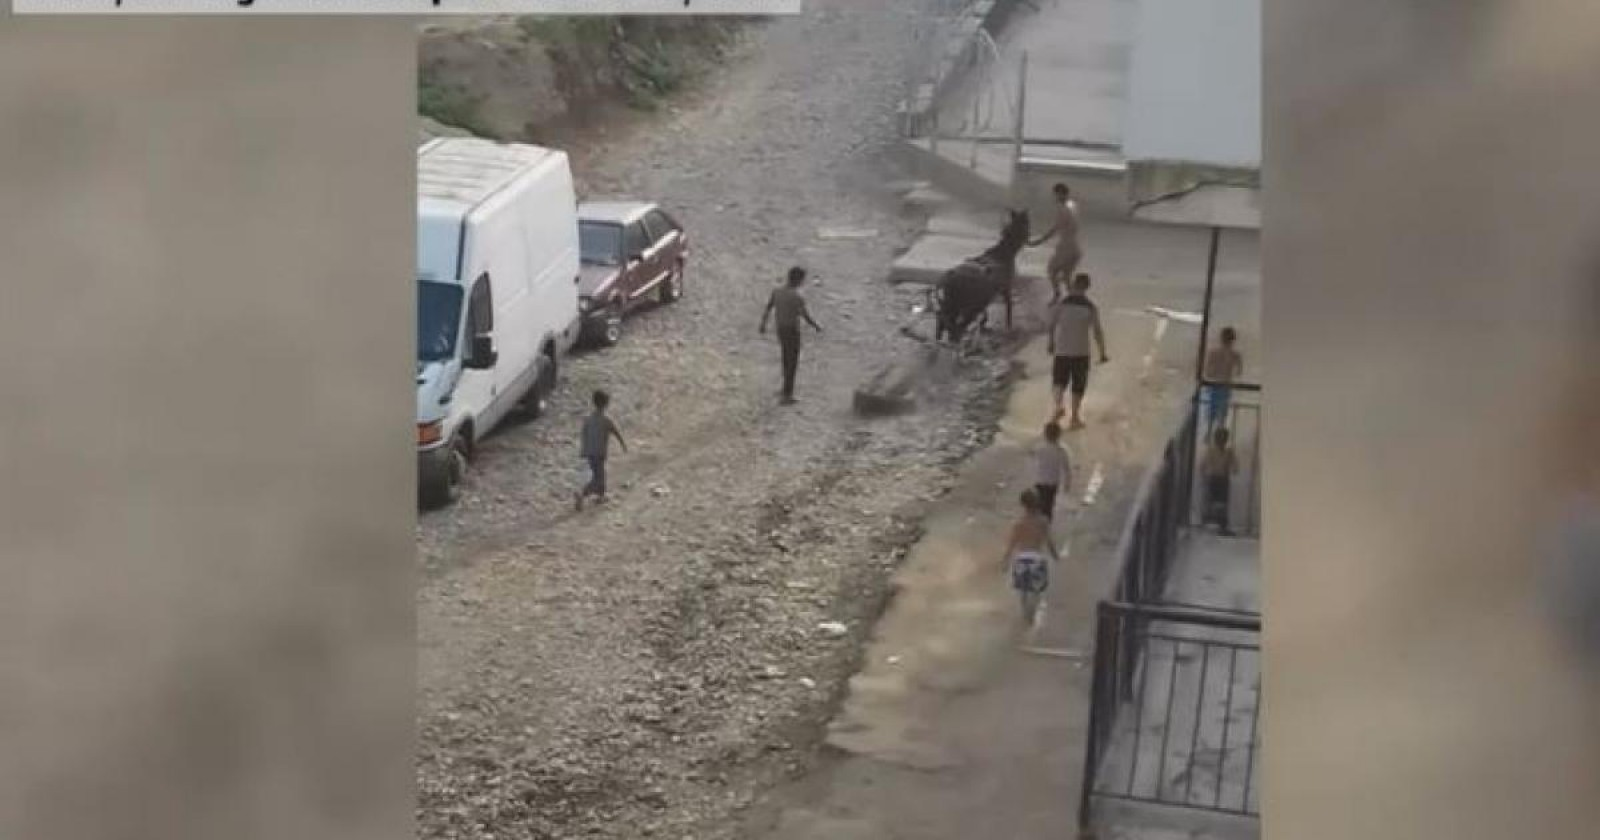 (video) Cal bătut cu bestialitate pentru că nu putea căra o bucată de beton